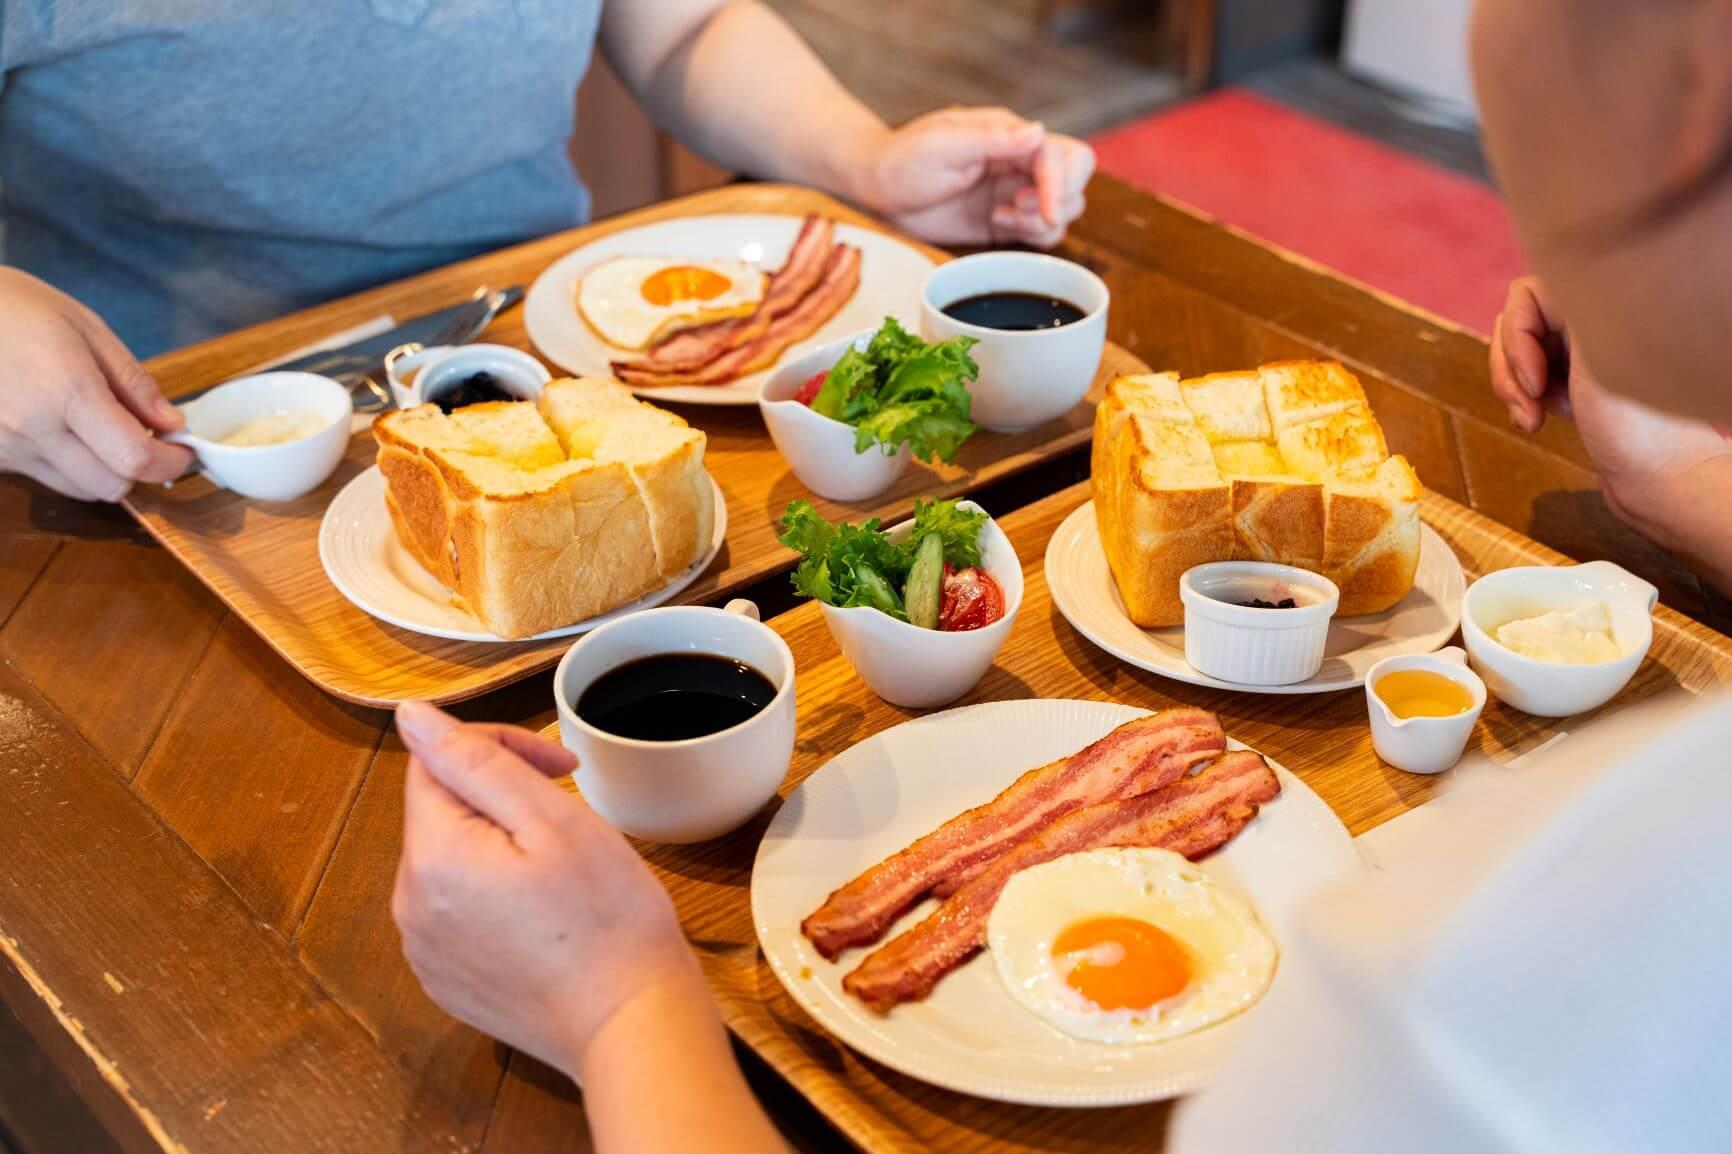 朝食をパン屋で、、、いかがですか🍞